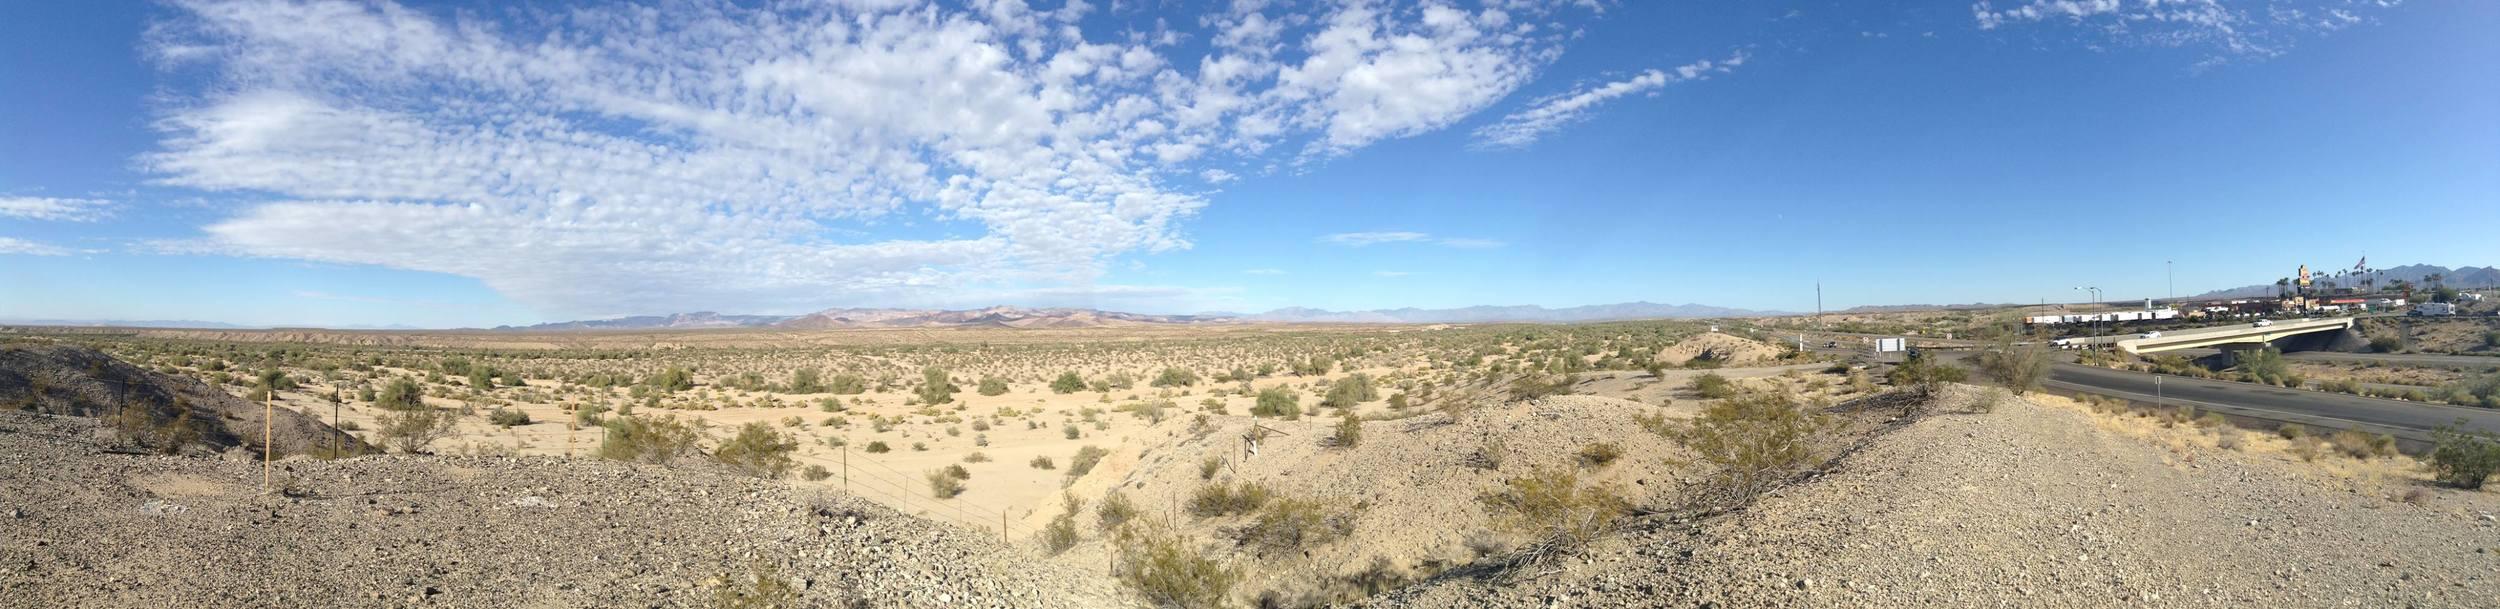 CA to AZ panorama.jpg